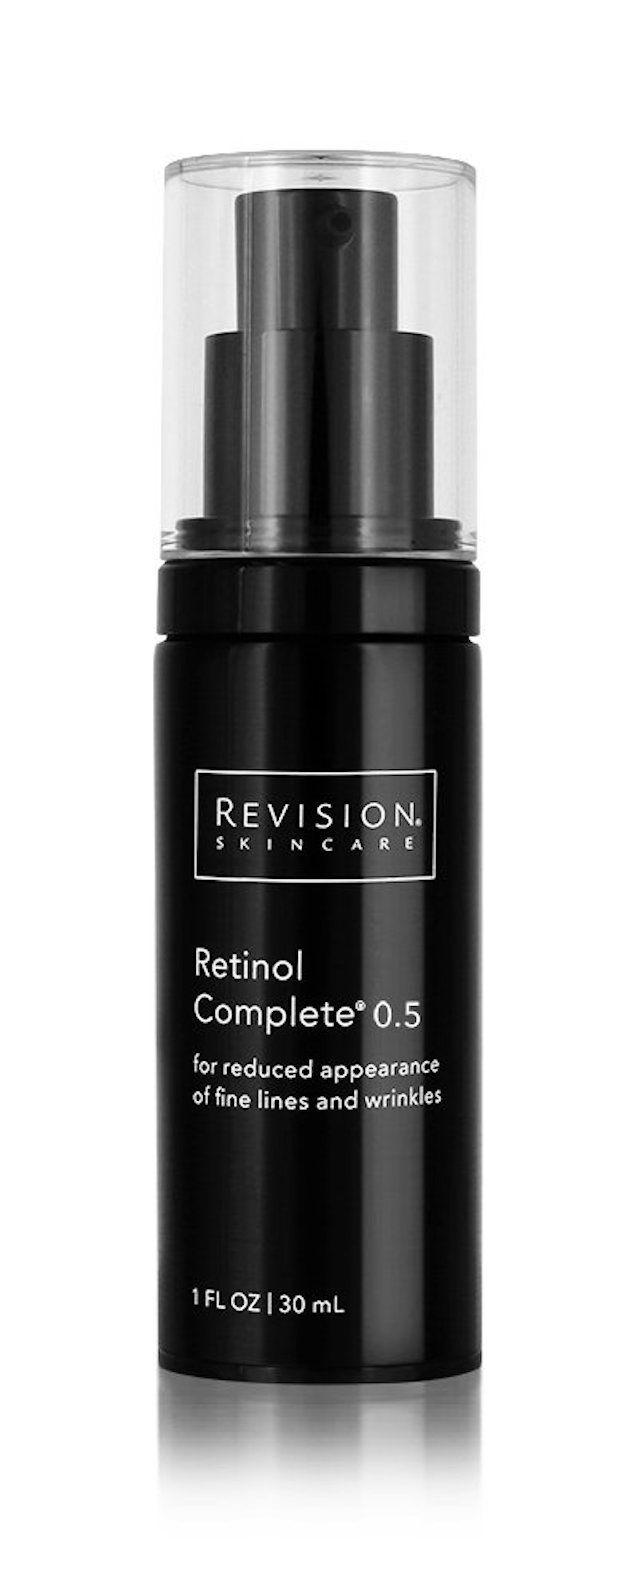 Revision Skincare Retinol Complete 0.5